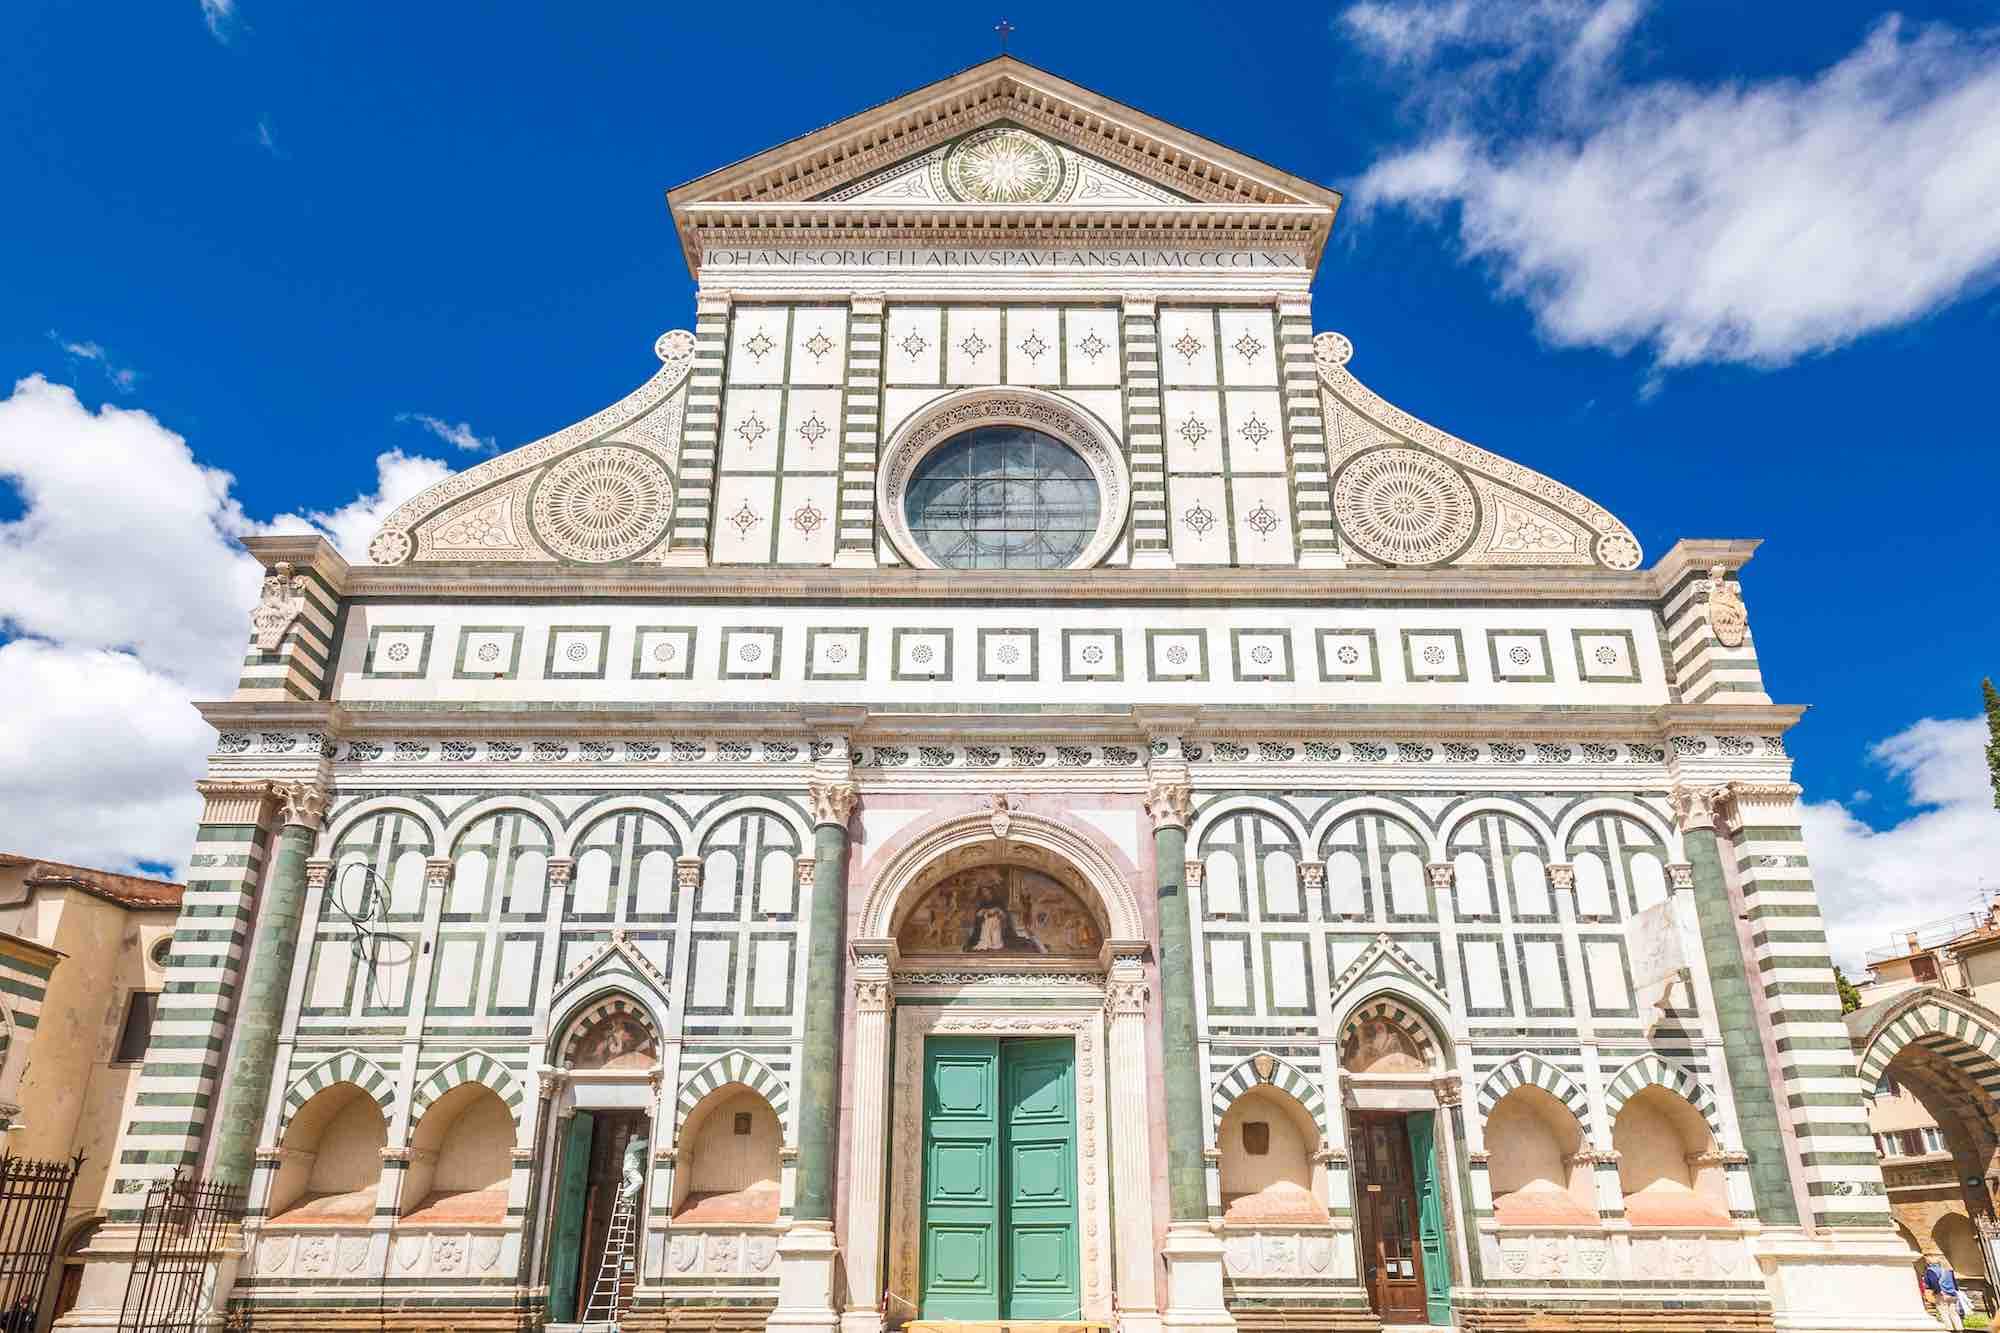 La Basilica di Santa Maria si torva nella piazza principale del quartiere storico di Santa Maria Novella a Firenze